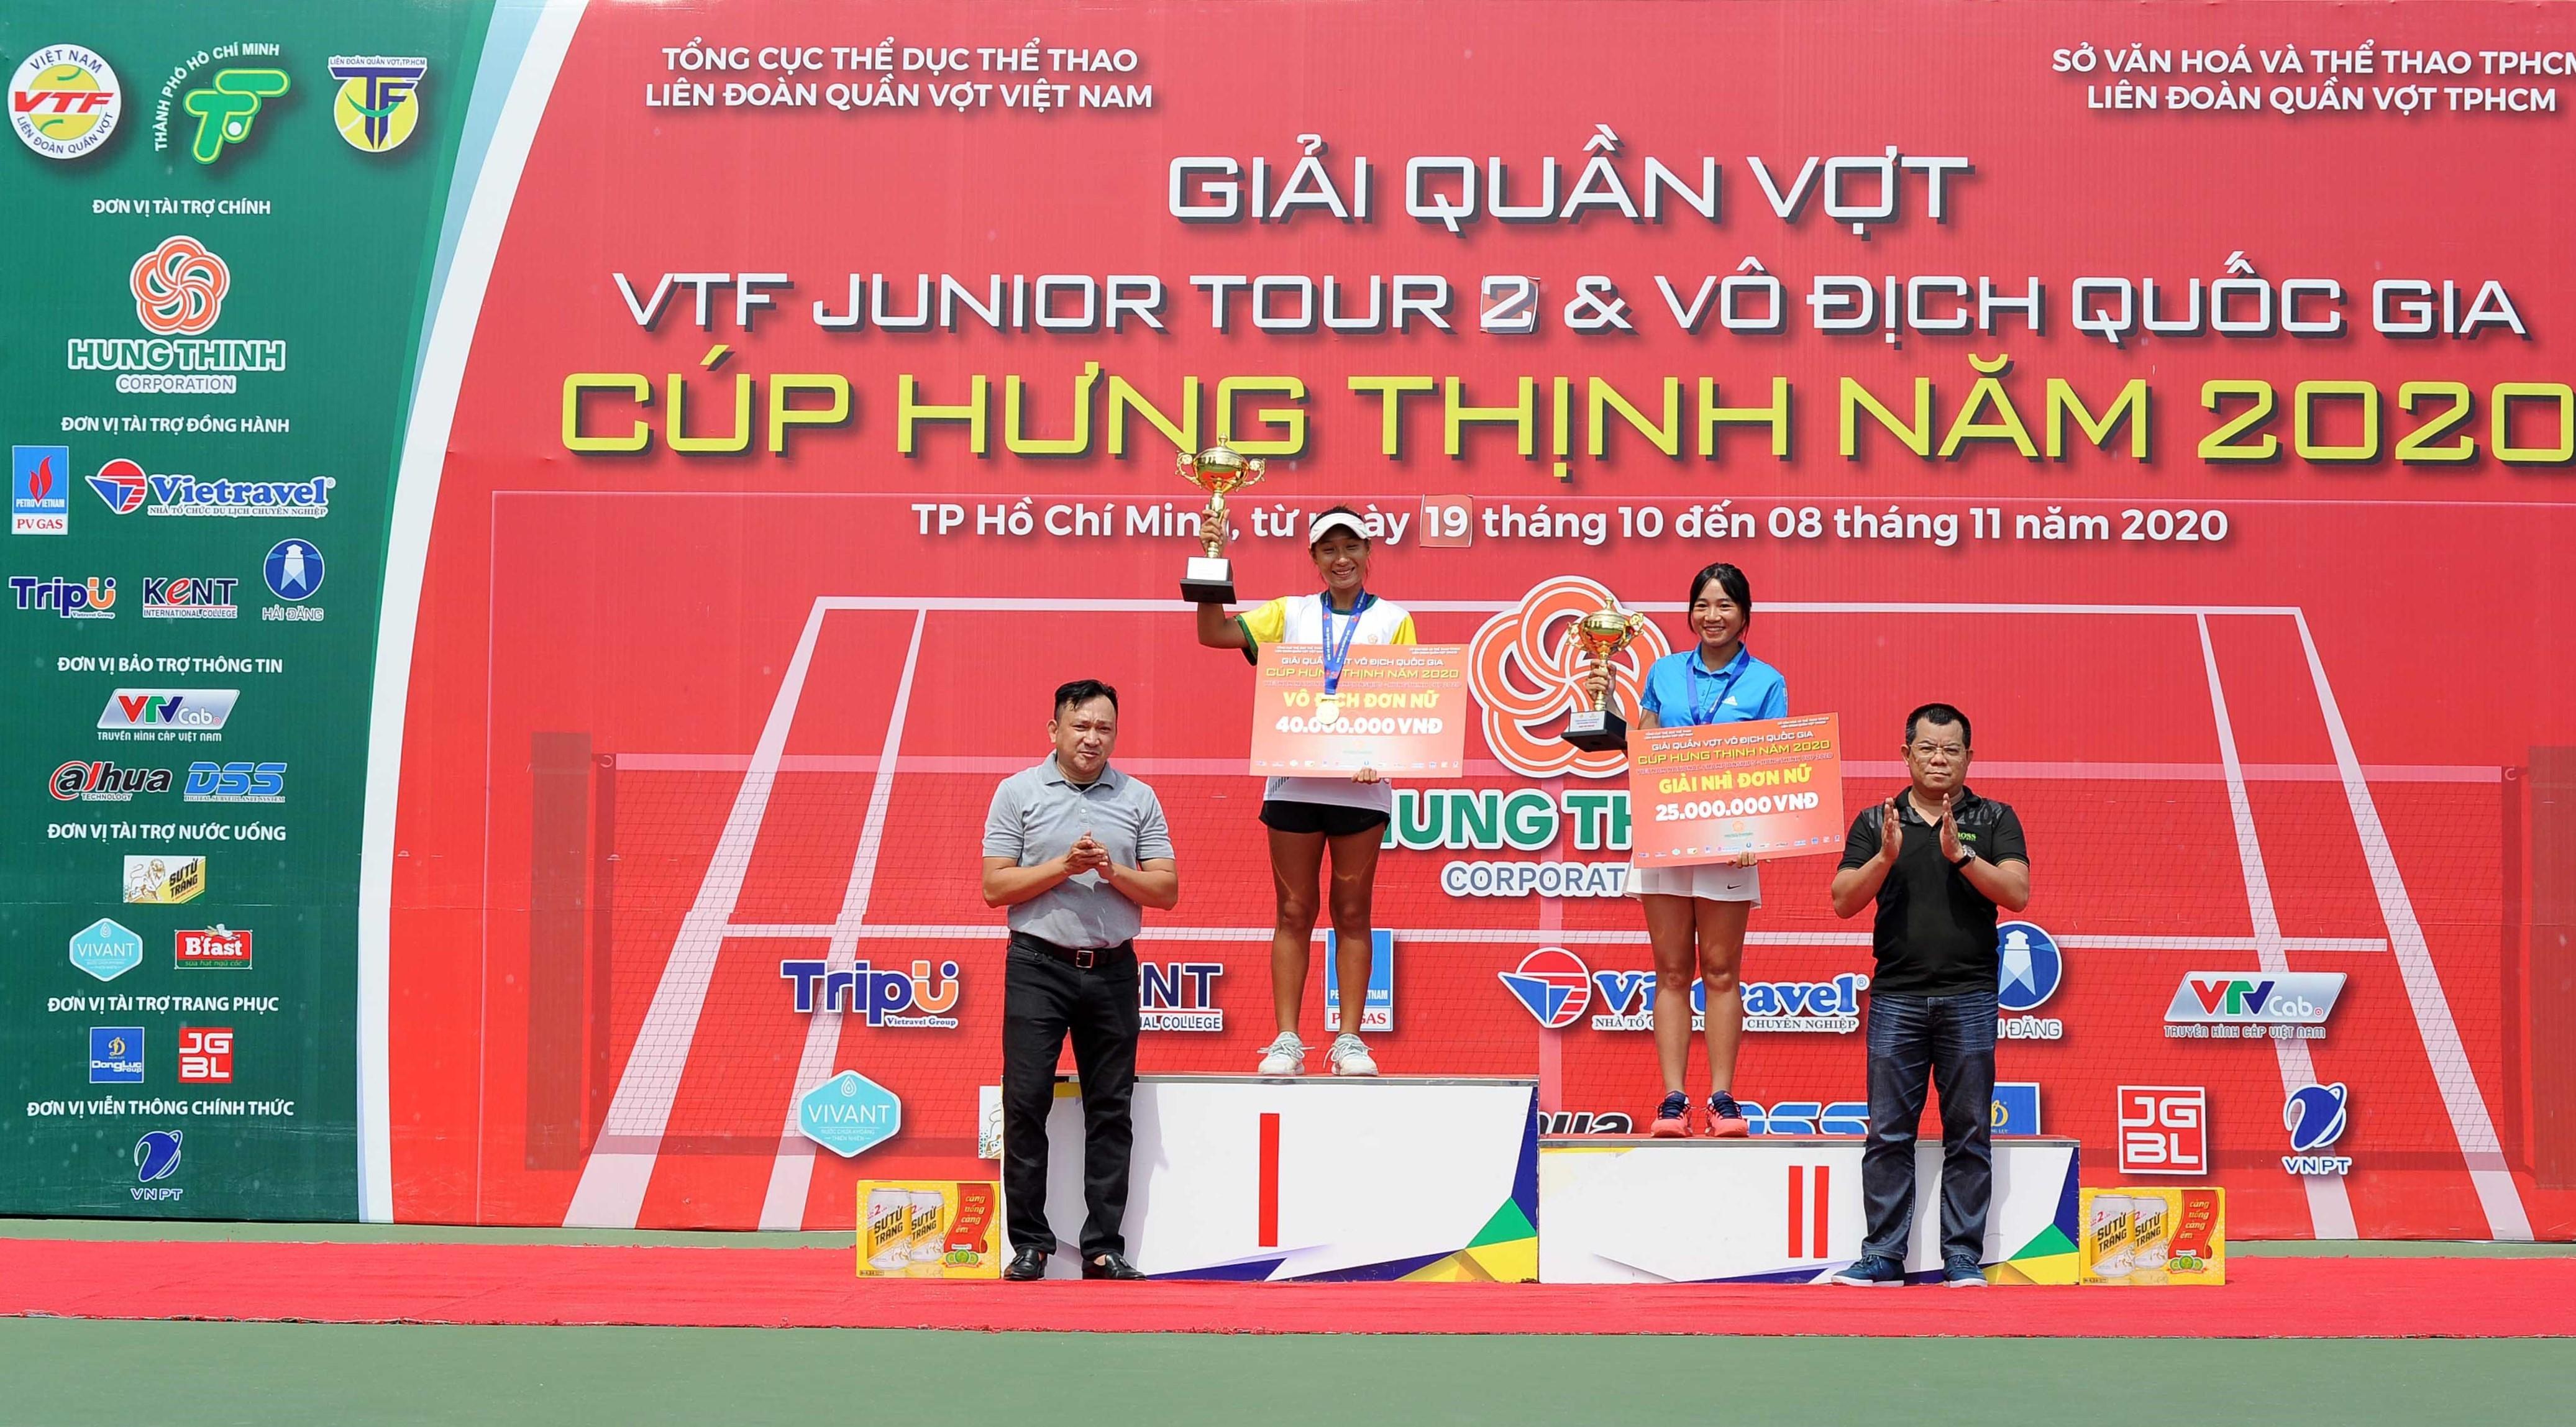 Hình ảnh: Giải quần vợt Vô địch Quốc gia – Cúp Hưng Thịnh năm 2020:  Lý Hoàng Nam giành  3 trên 7 HCV số 3